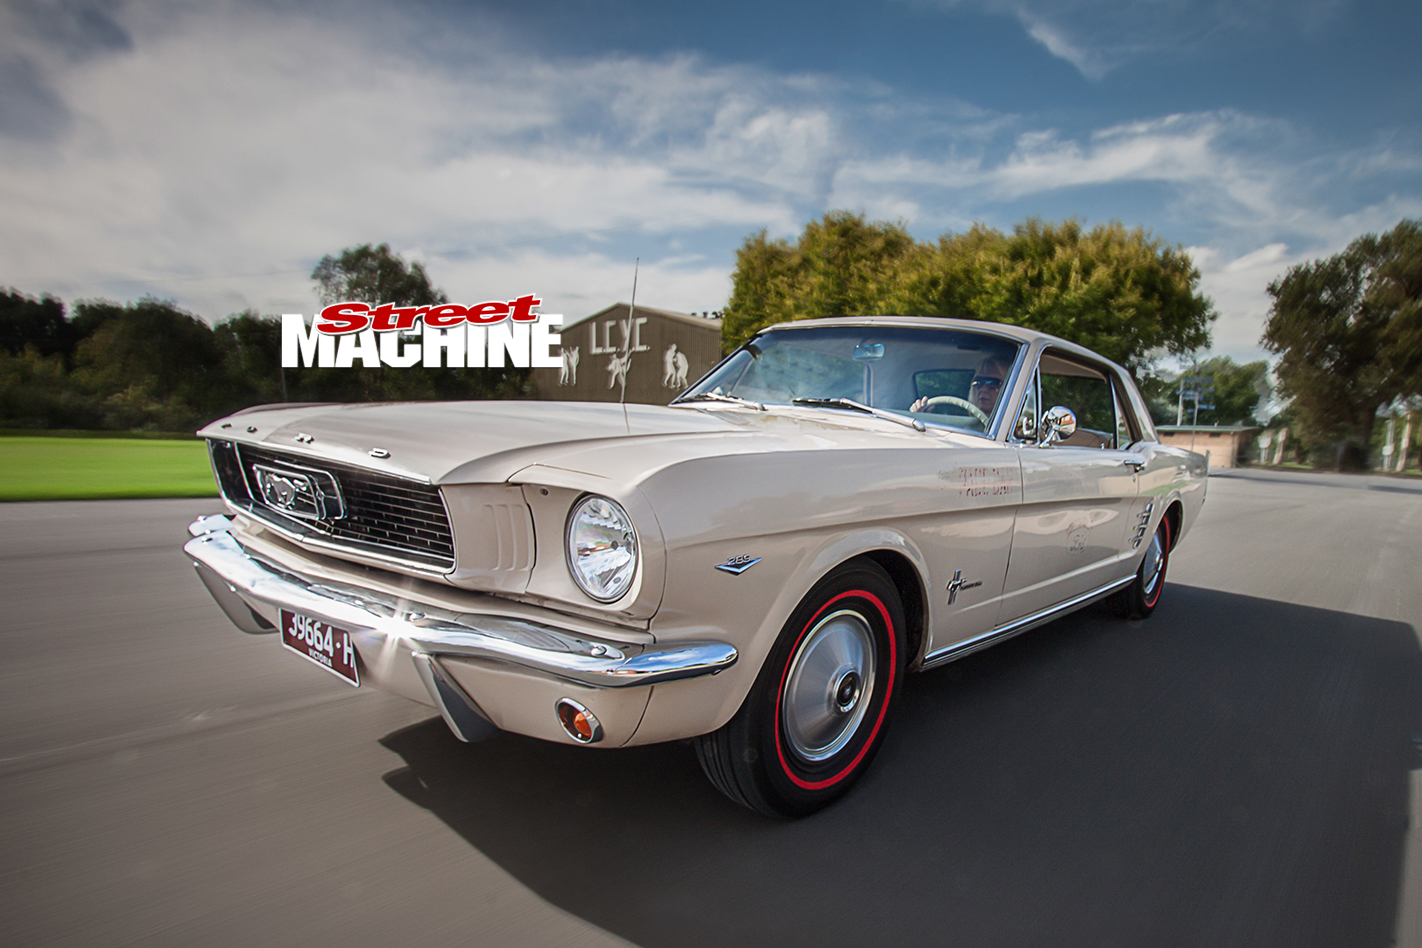 Nicole -Bridge -1966-Mustang -onroad